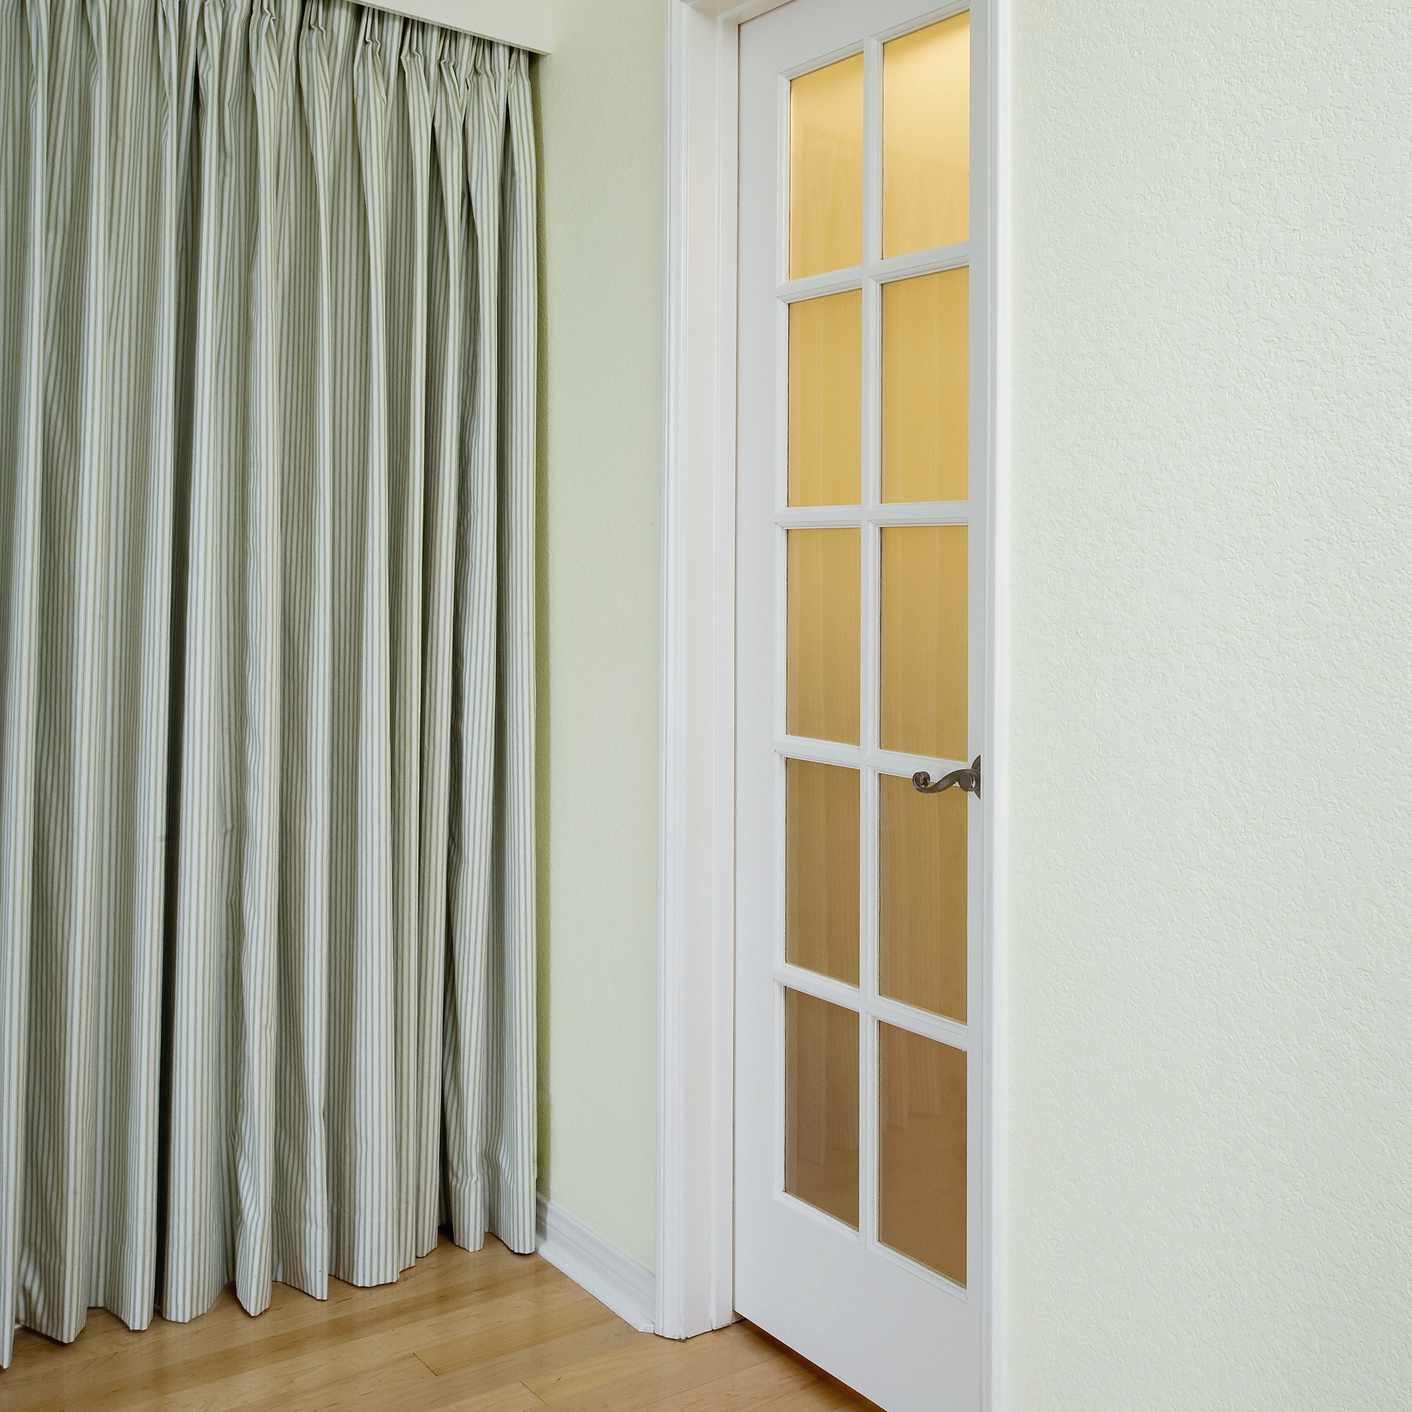 Small closet door